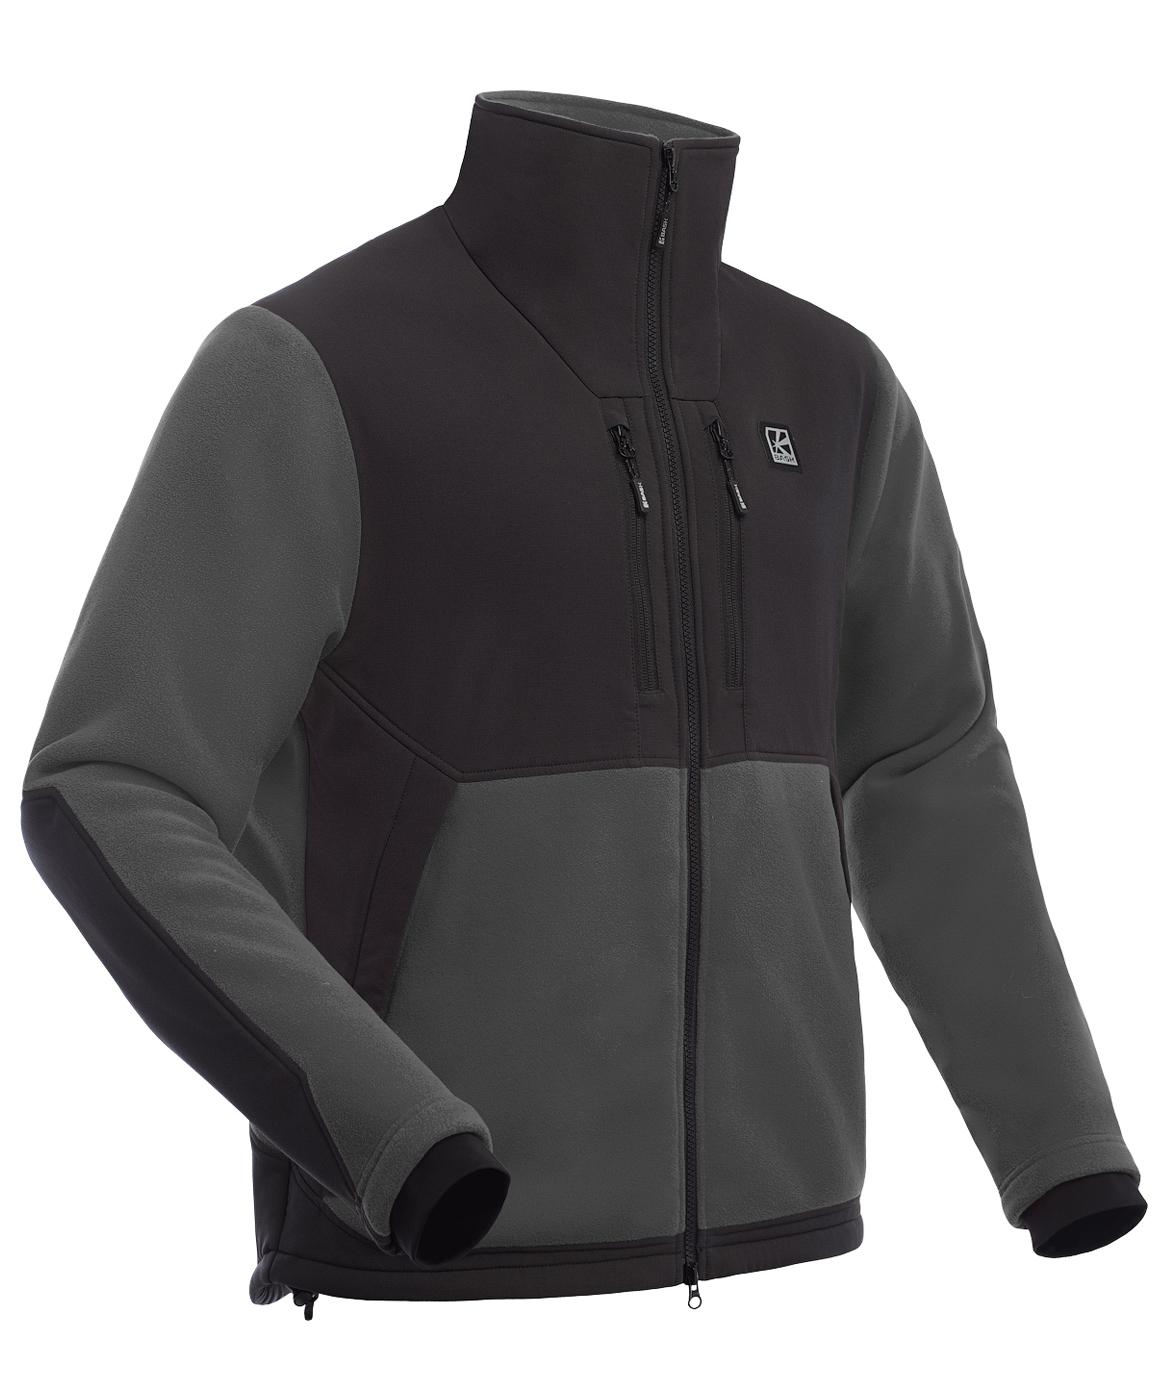 Куртка мужская Polartec BASK GUIDE темно-серая, Куртки из Polartec и флиса - арт. 1066480330